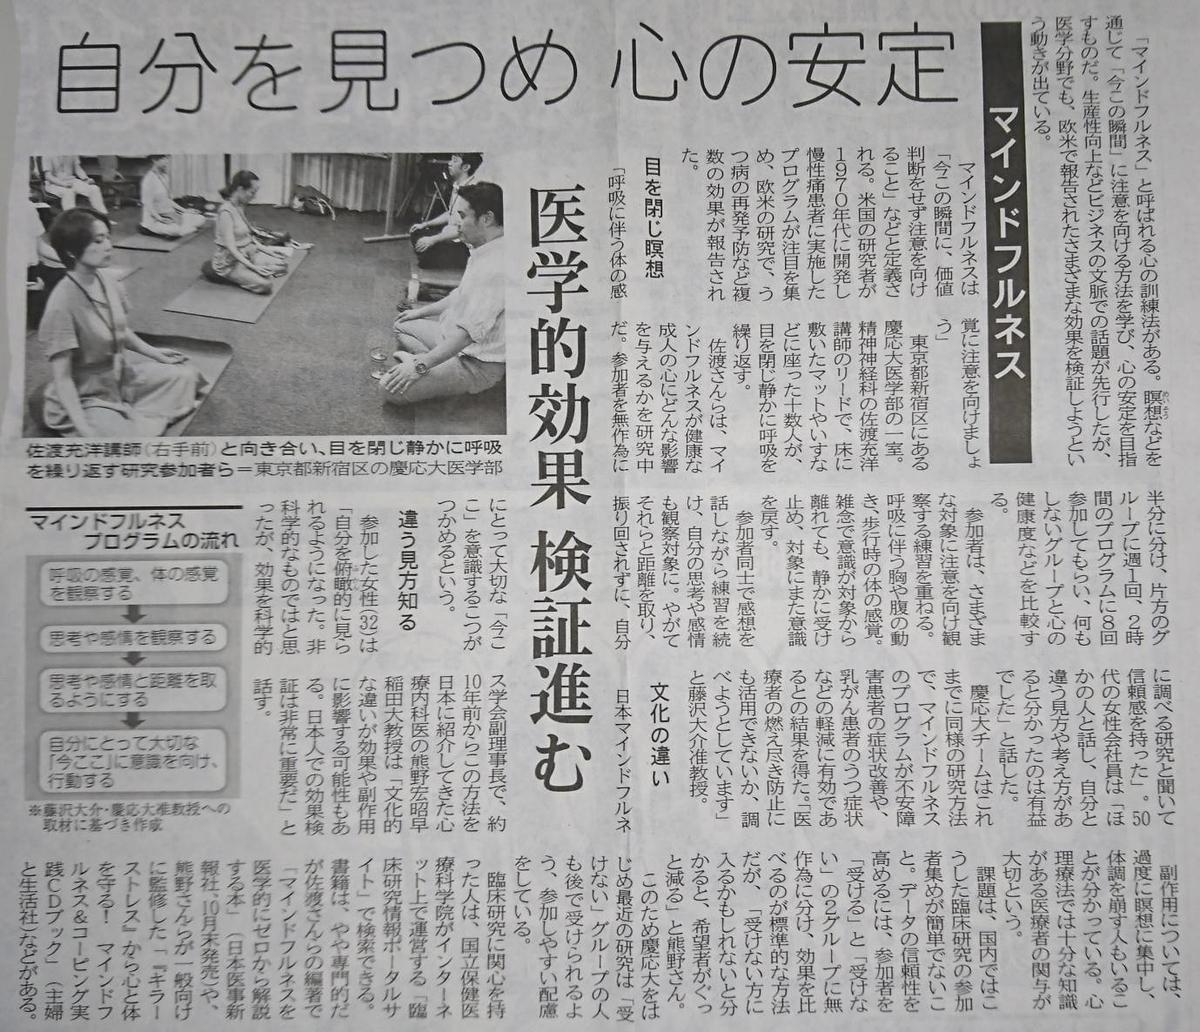 f:id:kazura-kobayashi:20200722151116j:plain